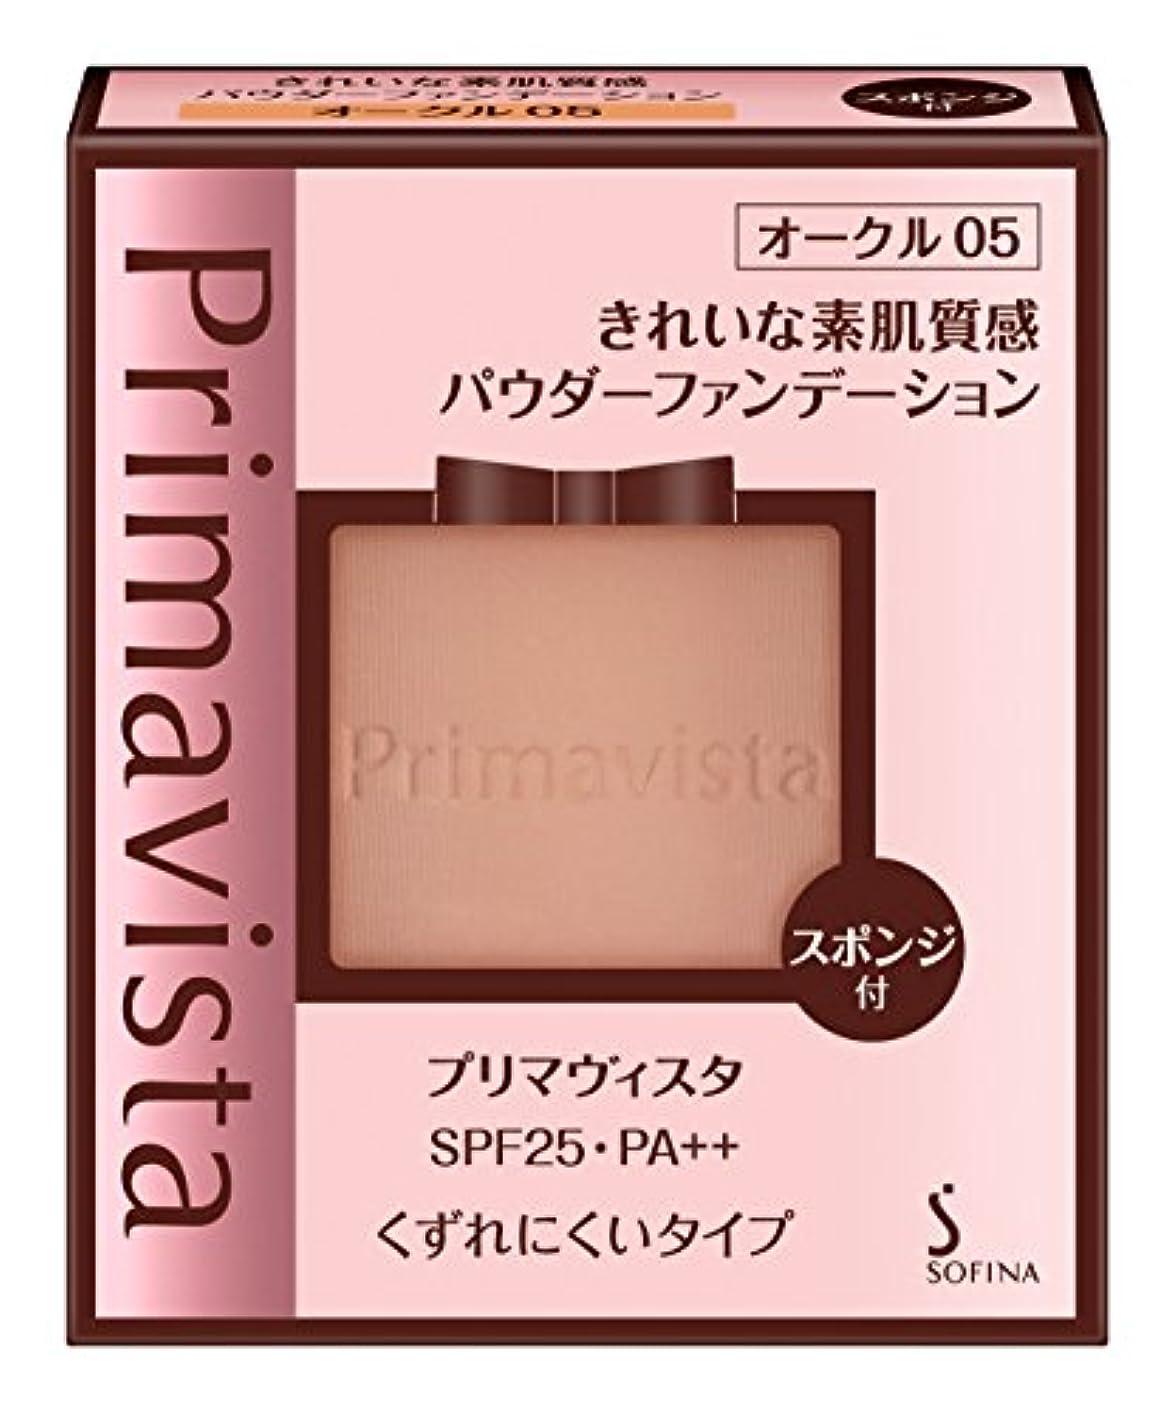 ペグテスピアンふざけたプリマヴィスタ きれいな素肌質感パウダーファンデーション オークル05 SPF25 PA++ 9g